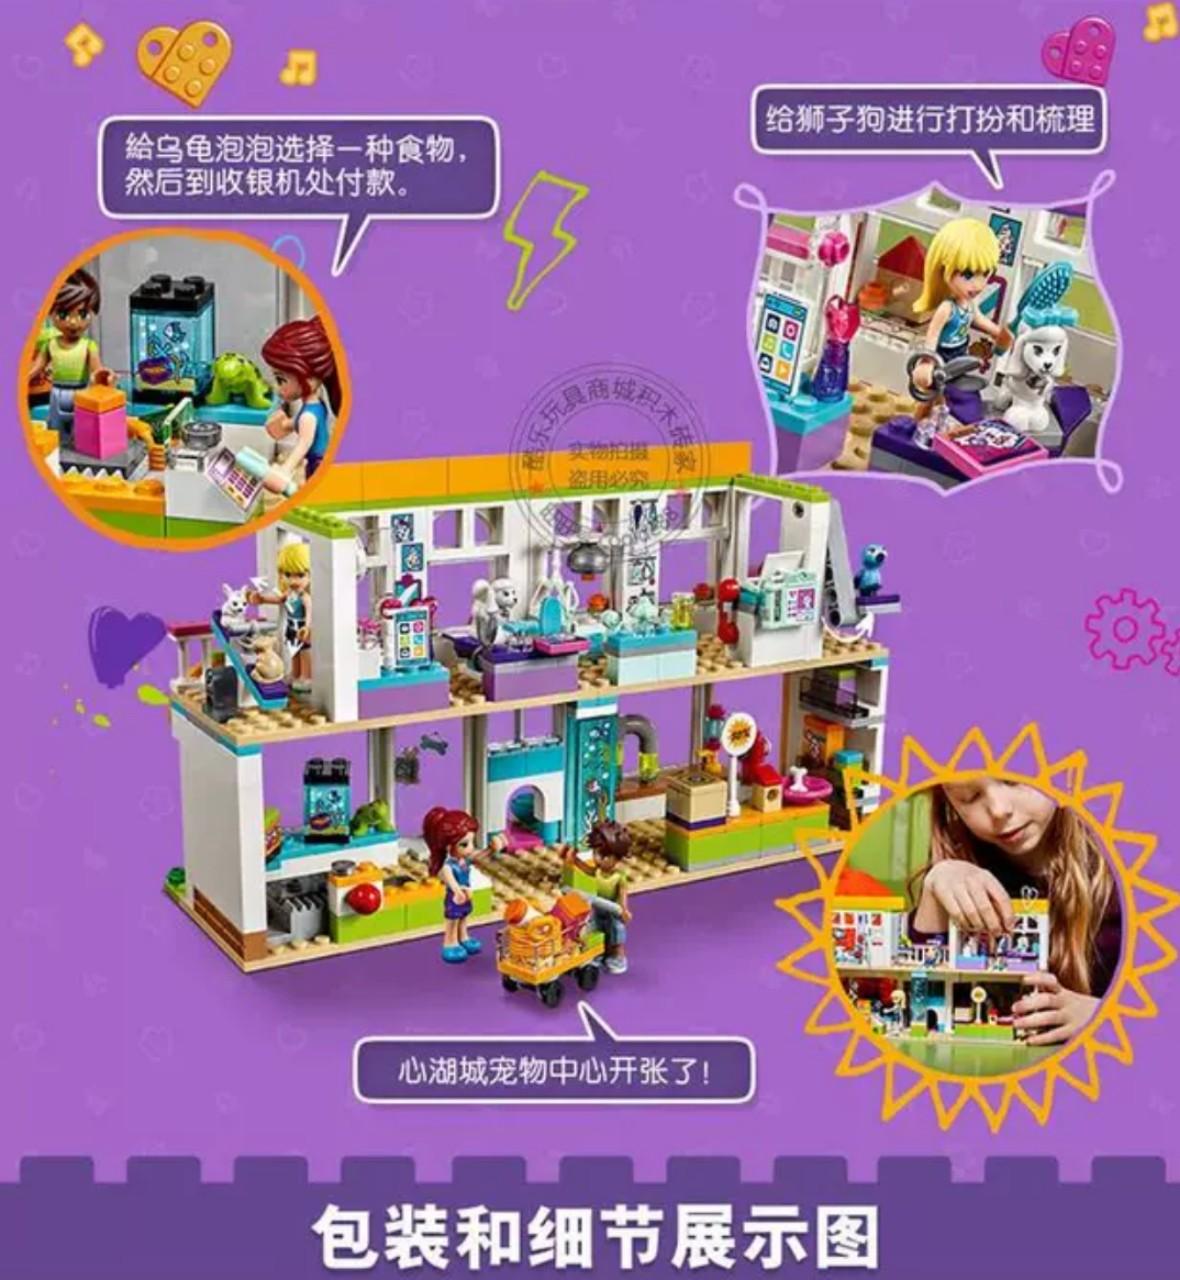 Lắp ráp Lego Friends trung tâm thú cưng - Lele 37087